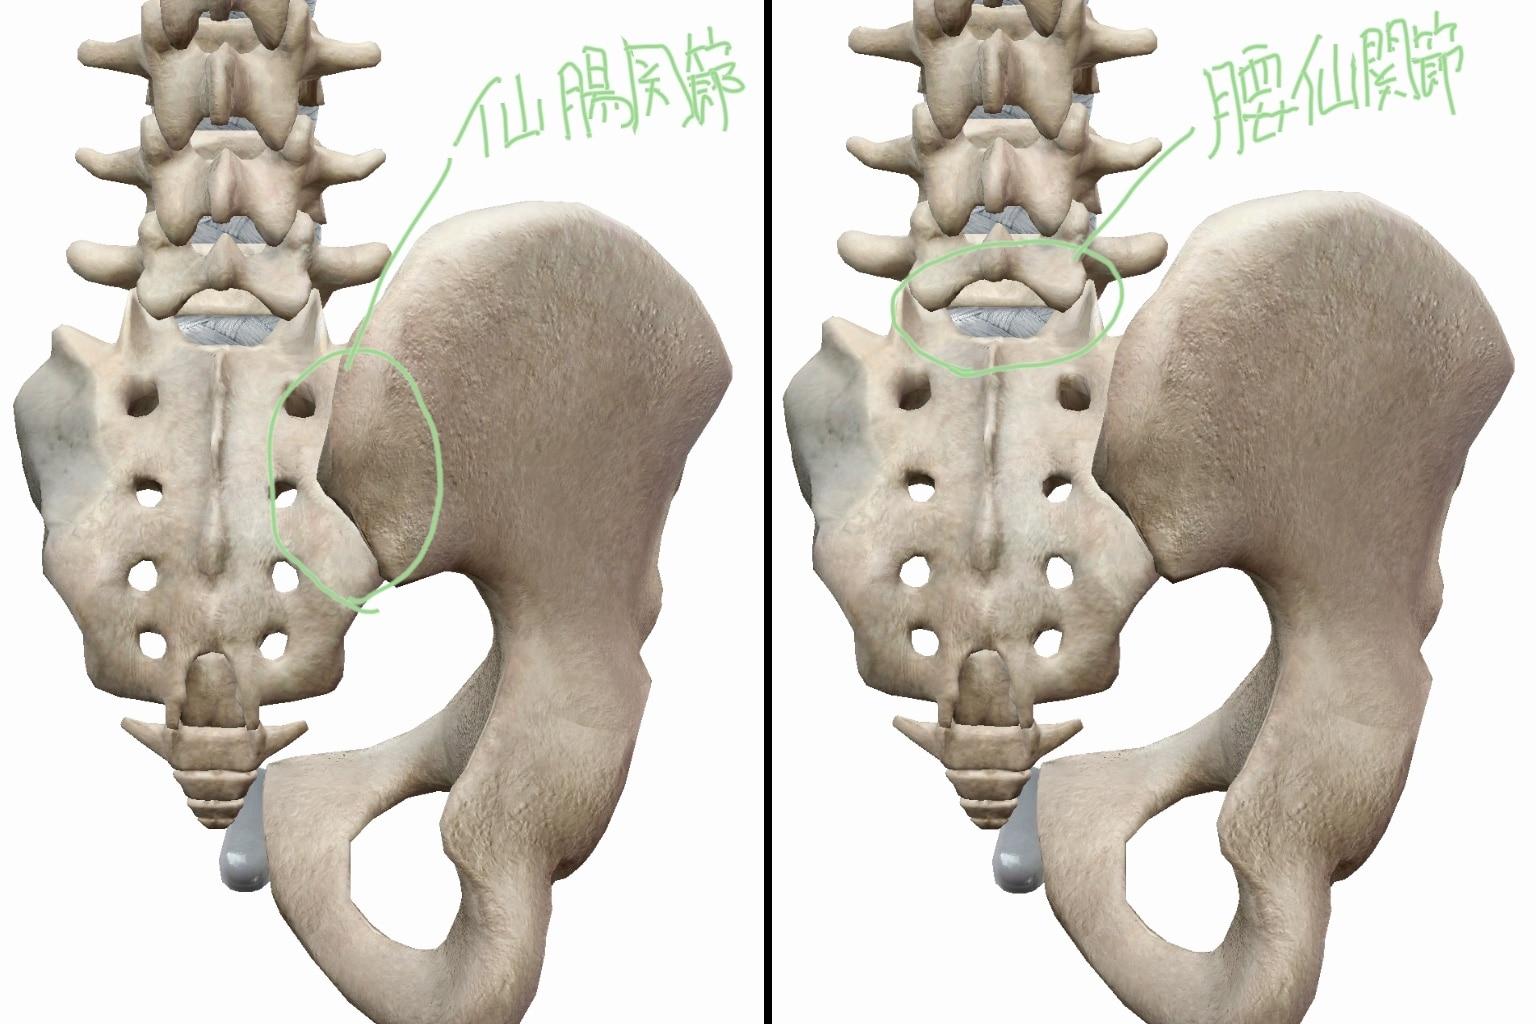 体の後面から見た、仙腸関節と腰仙関節の図